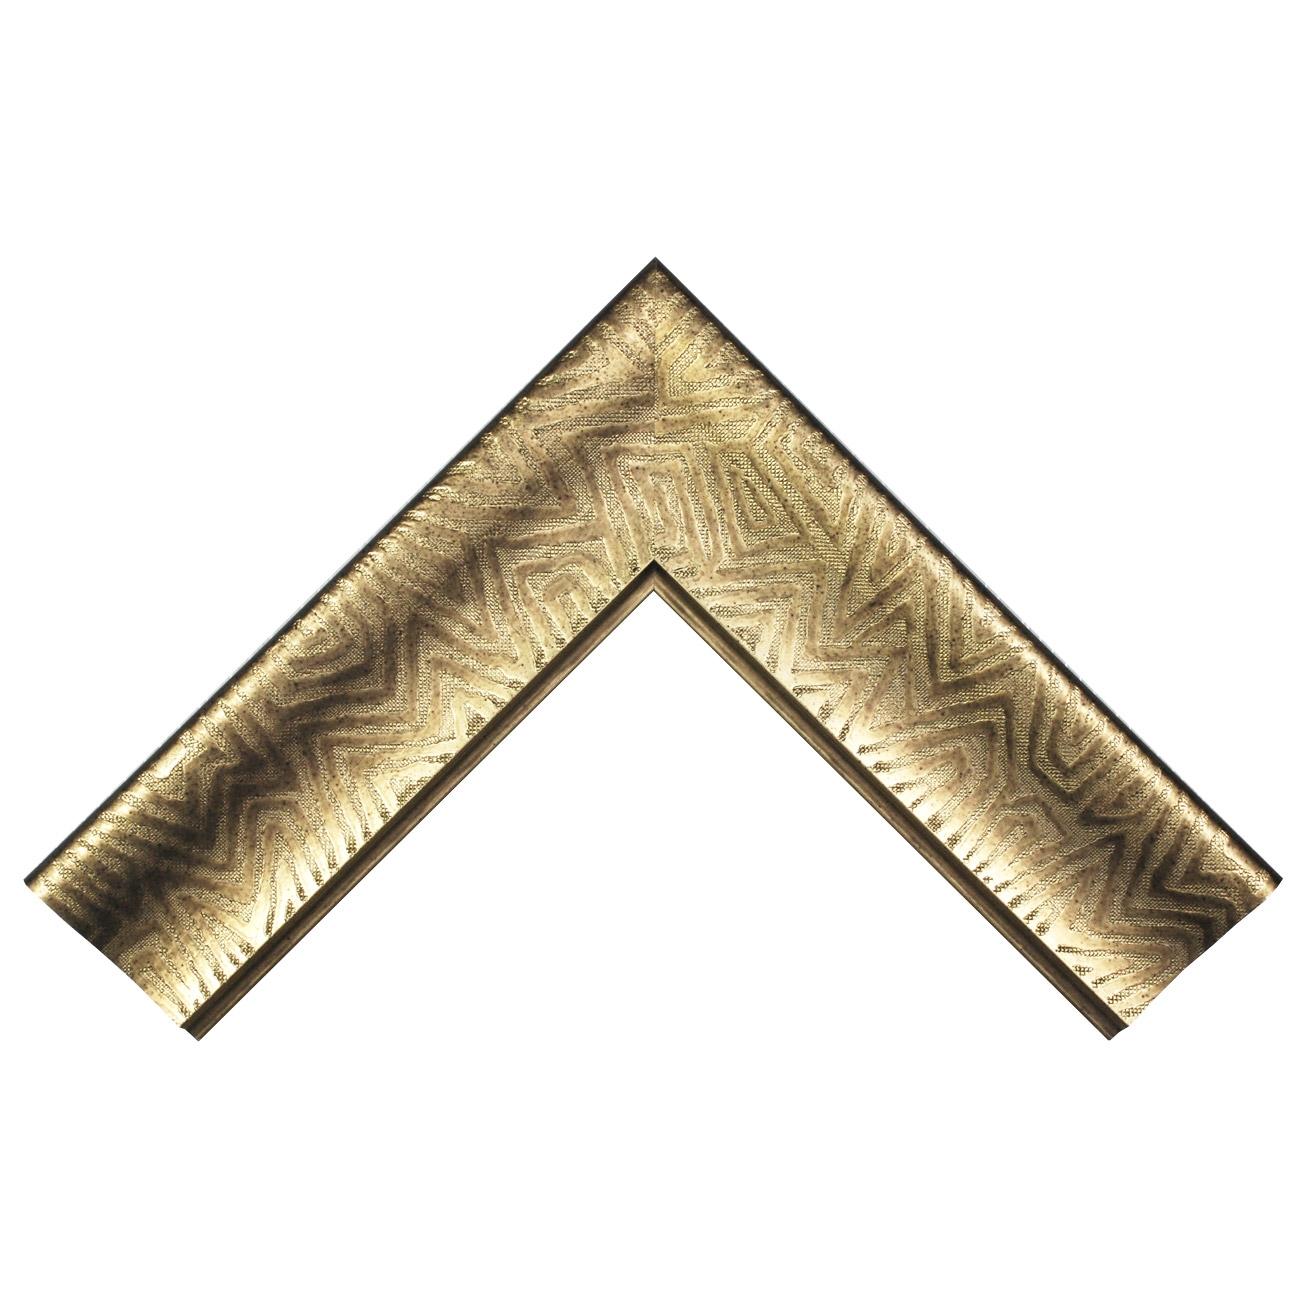 Baguette bois profil incurvé largeur 9.4cm bronze finition aspect cuir